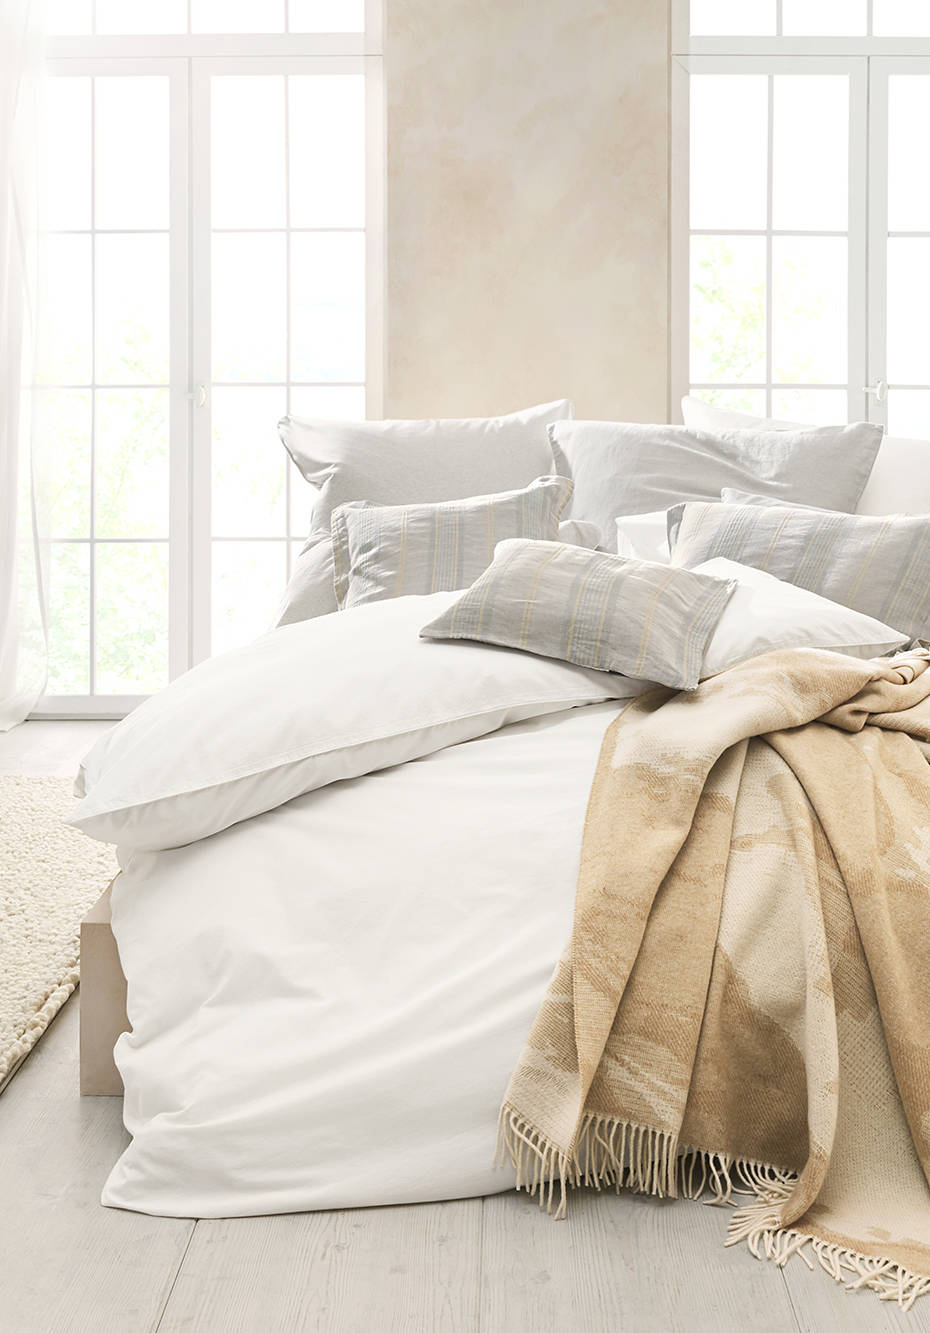 Perkal-Bettwäsche aus reiner Bio-Baumwolle